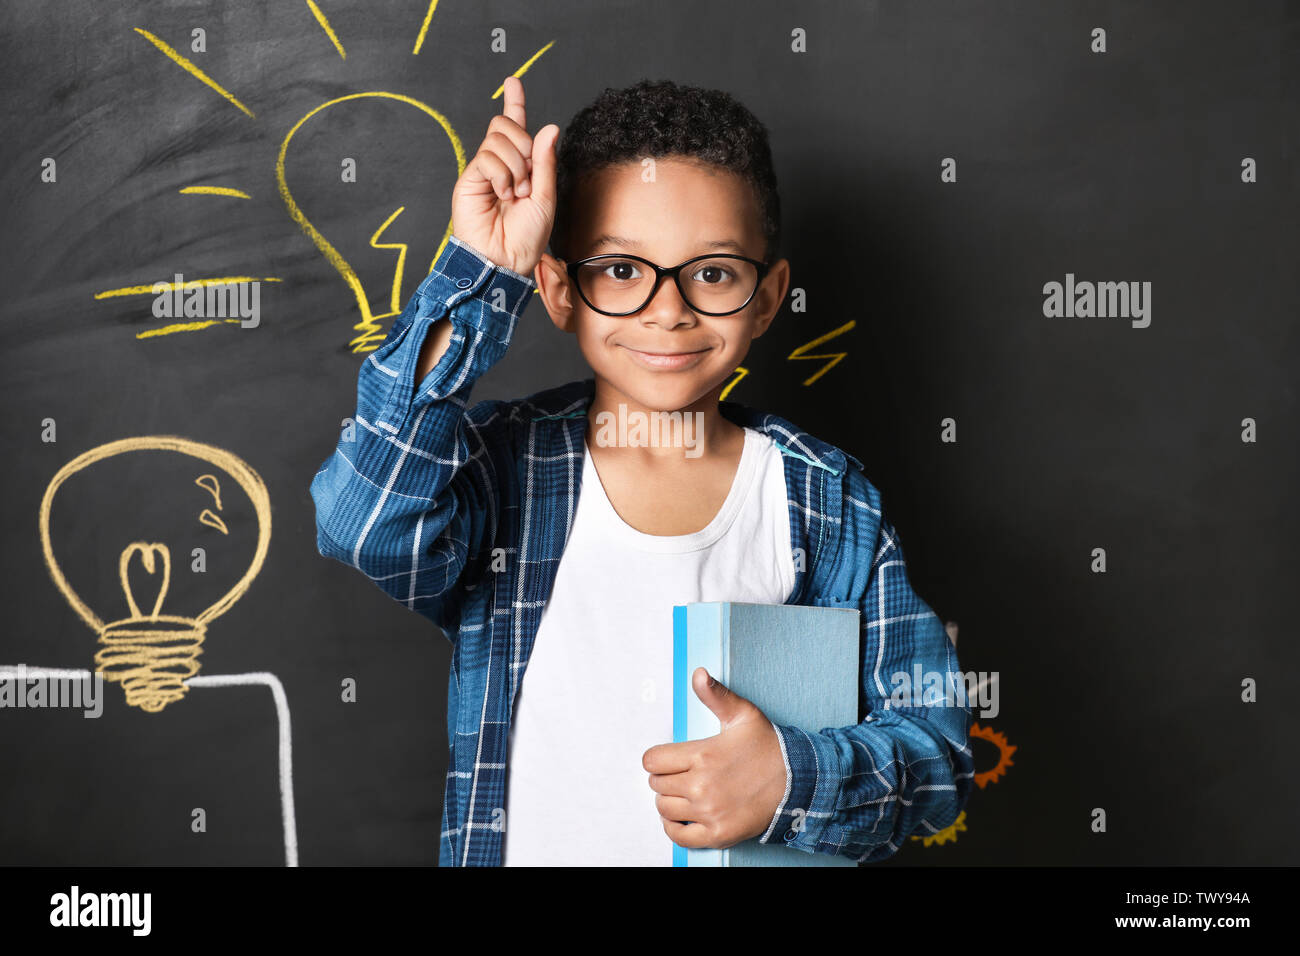 Garçon afro-américain avec l'index levé près de dessiné sur le mur sombre ampoules Photo Stock